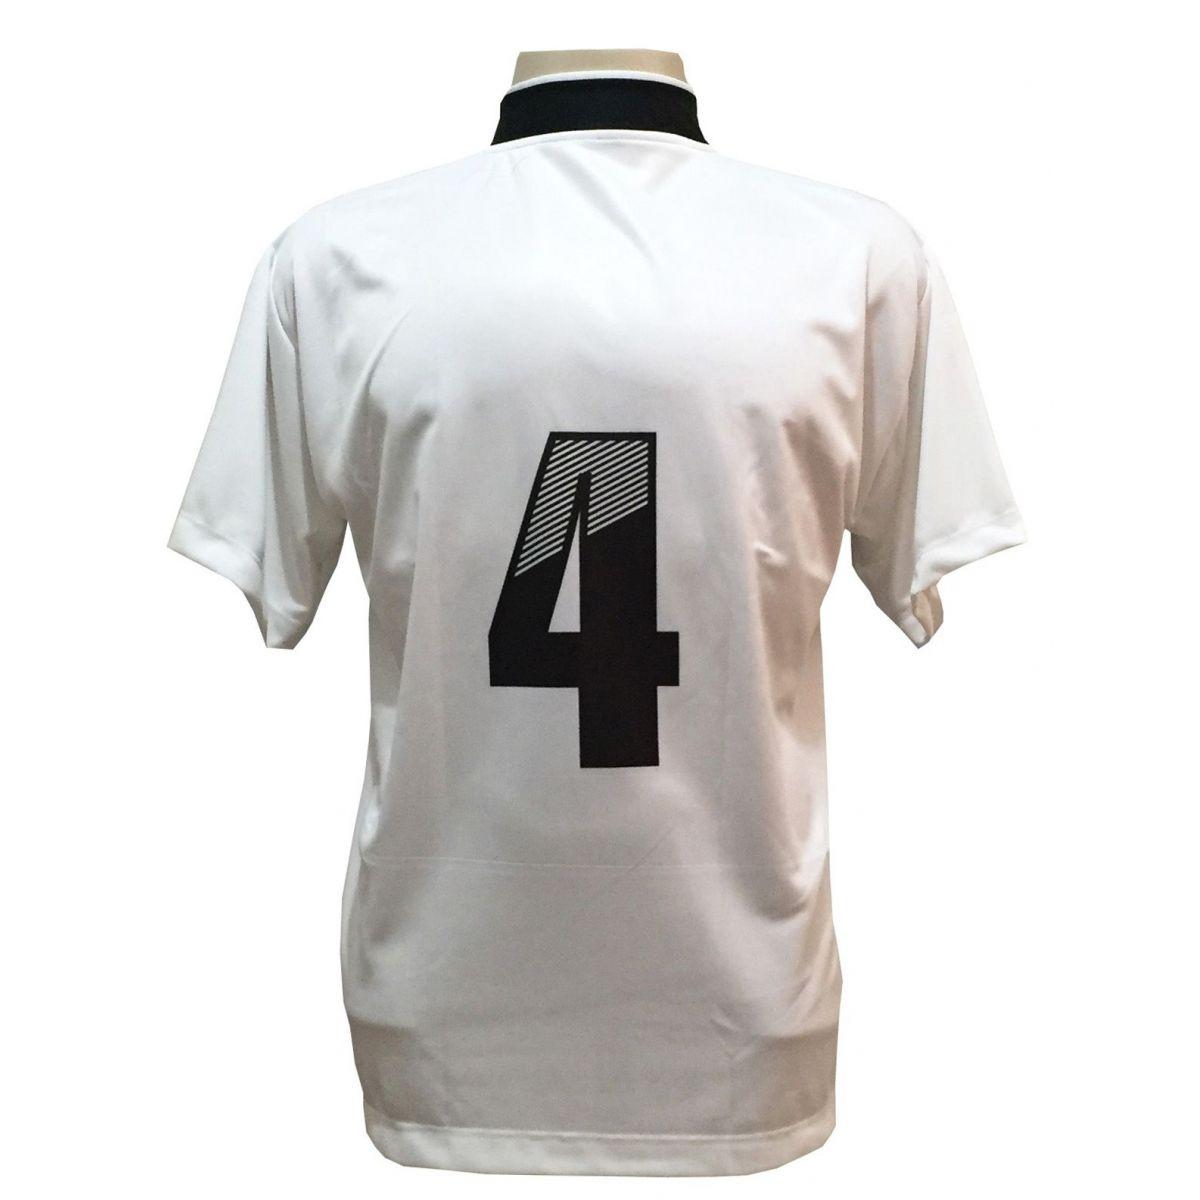 Uniforme Esportivo com 14 camisas modelo Suécia Branco/Preto + 14 calções modelo Madrid Preto + 14 pares de meiões Preto